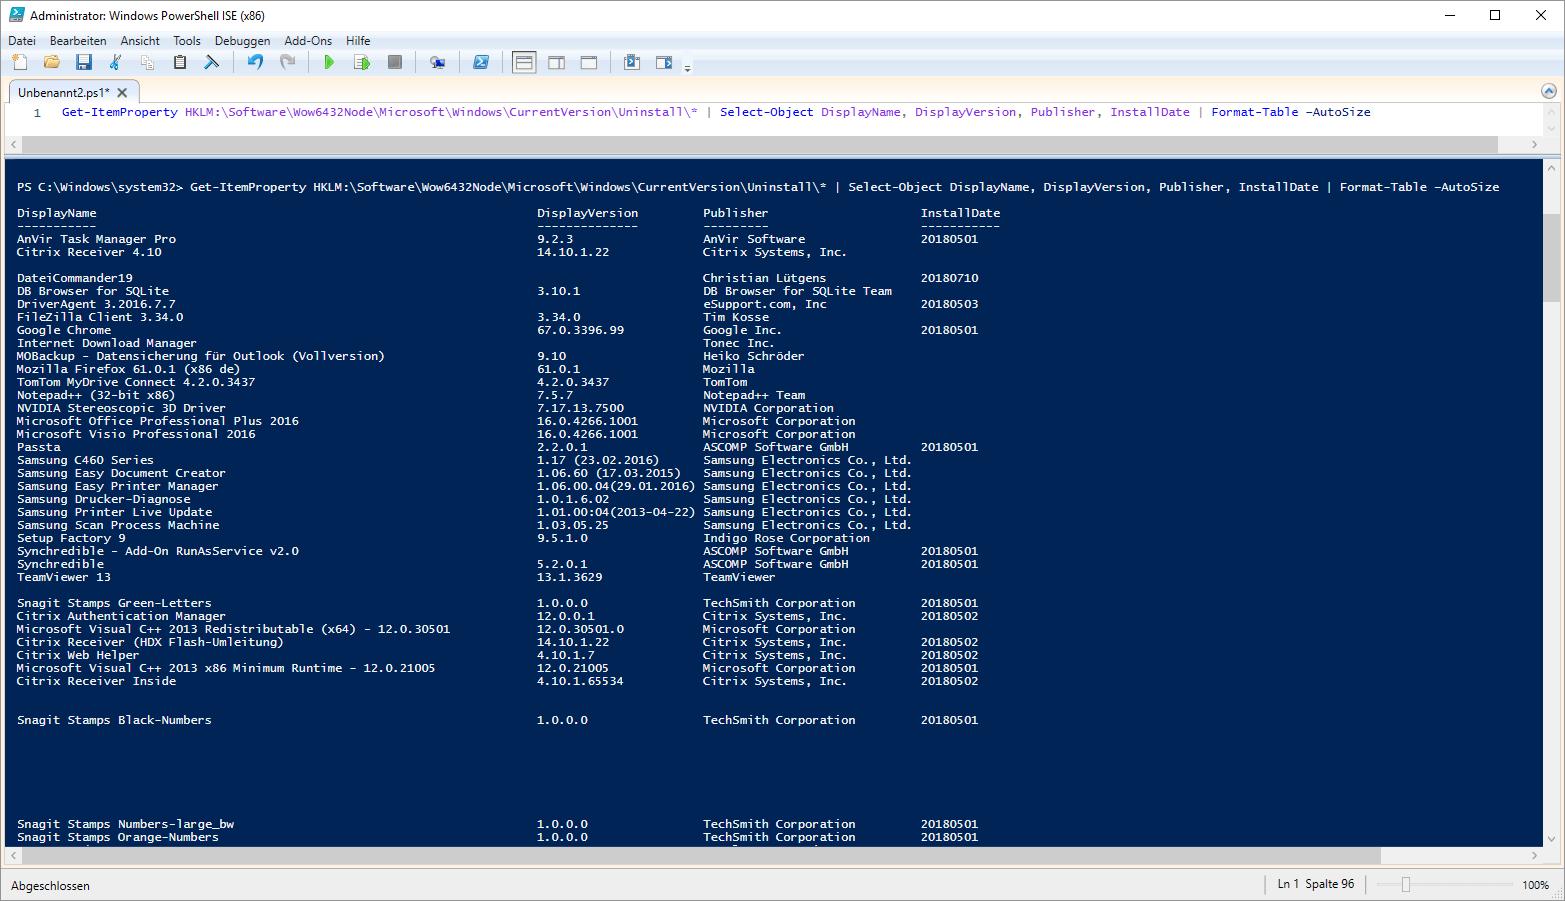 Windows alle installierten Apps anzeigen